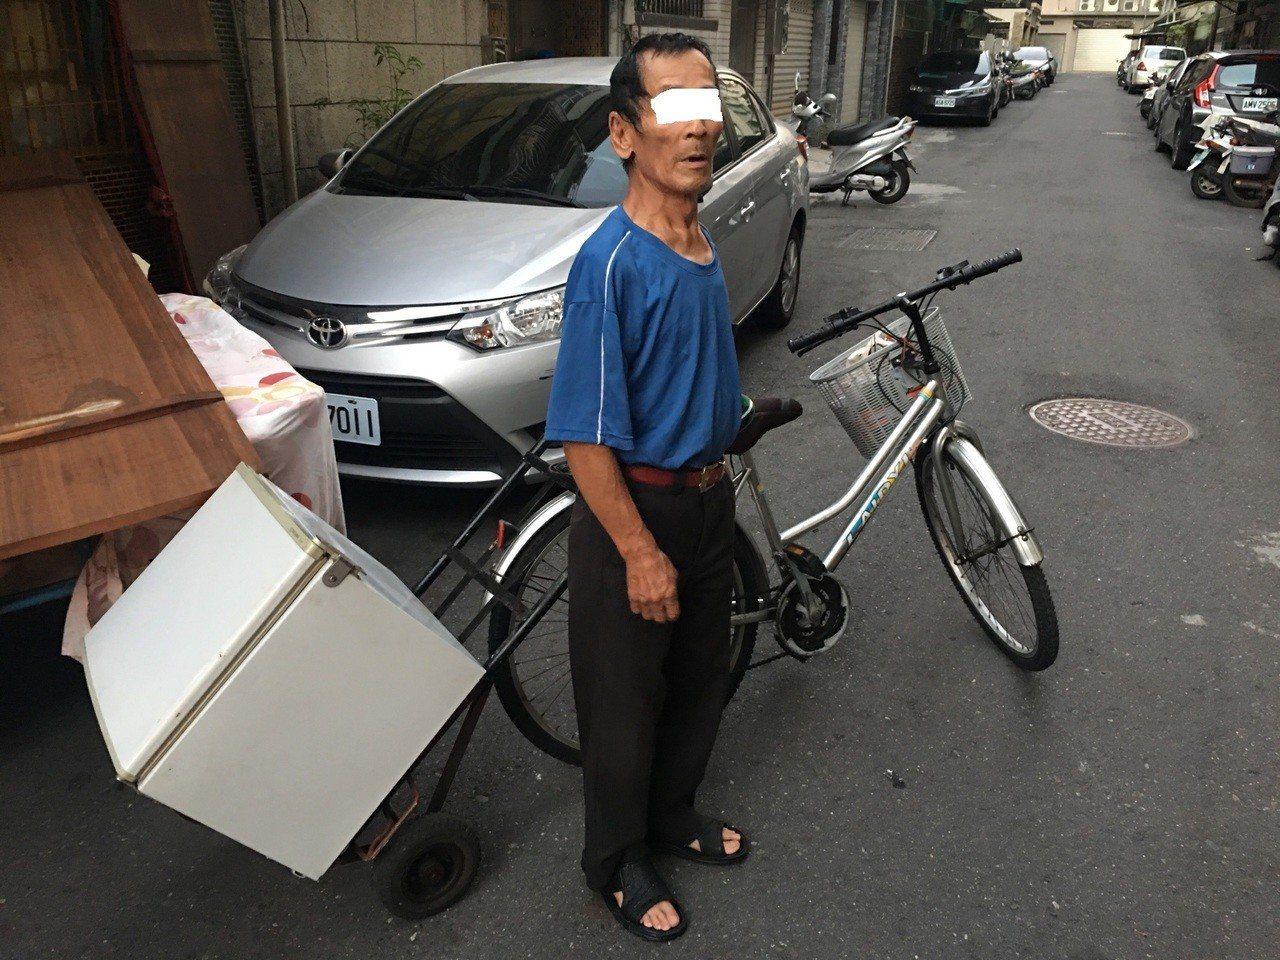 拾荒老翁偷走小冰箱。記者劉星君/翻攝